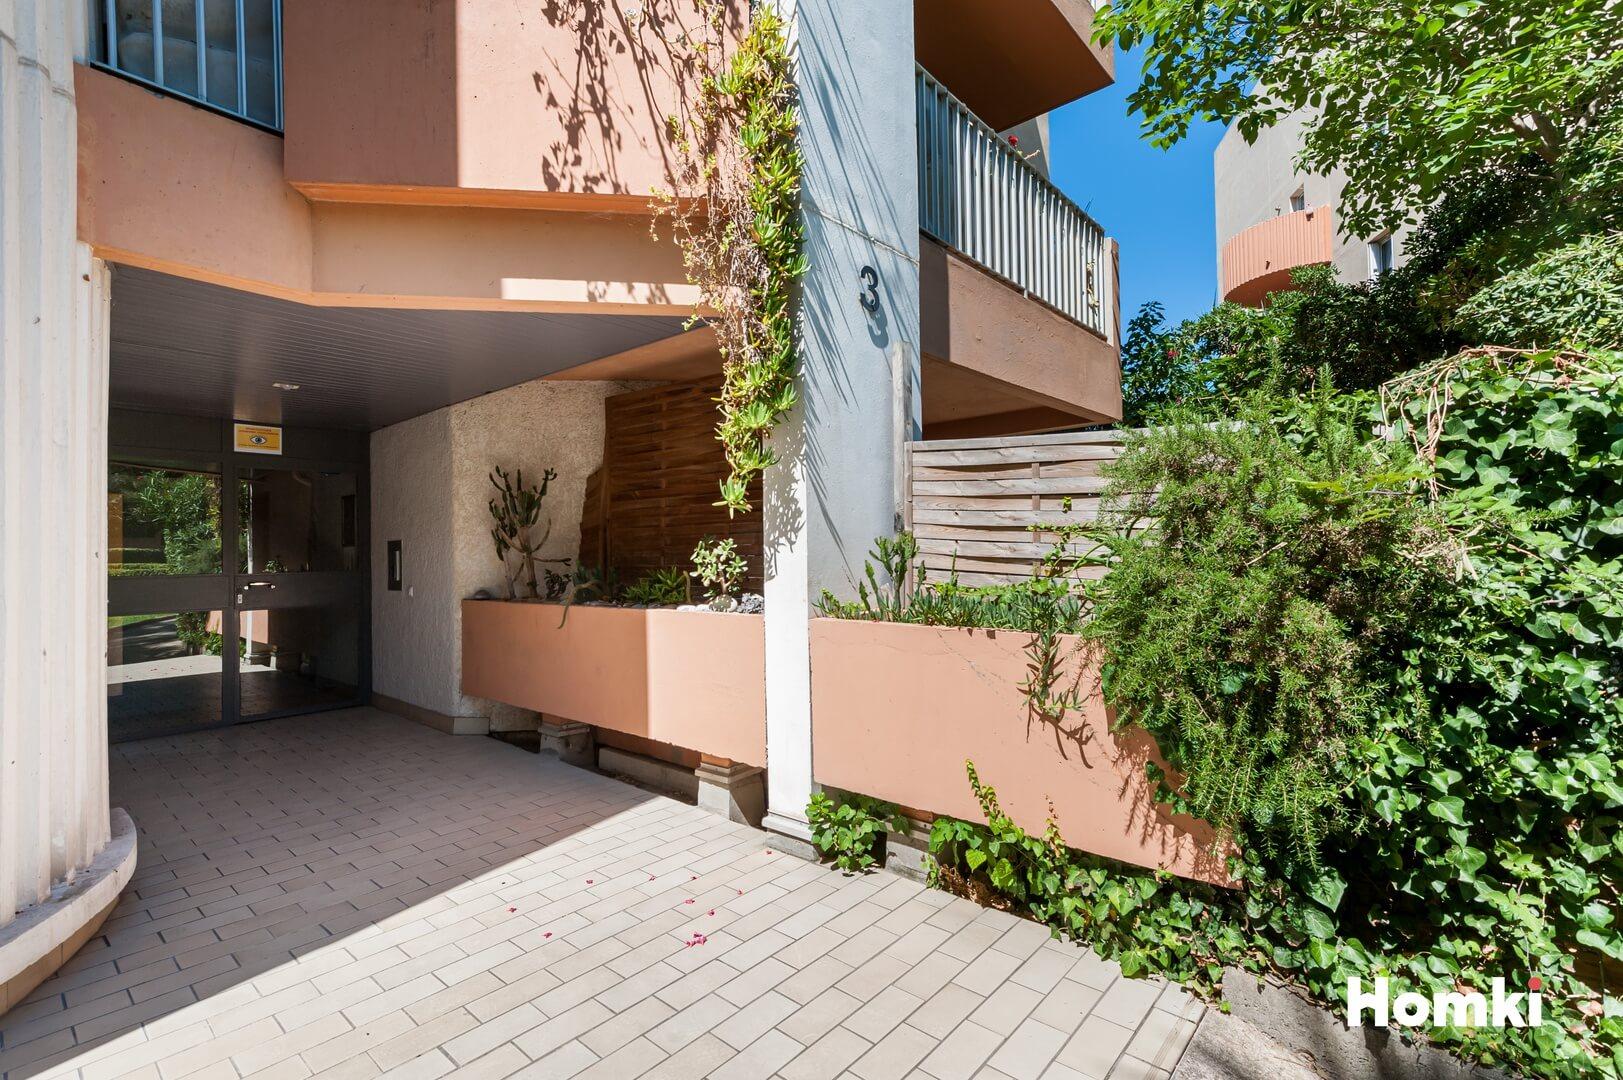 Homki - Vente Appartement  de 51.0 m² à Marseille 13010